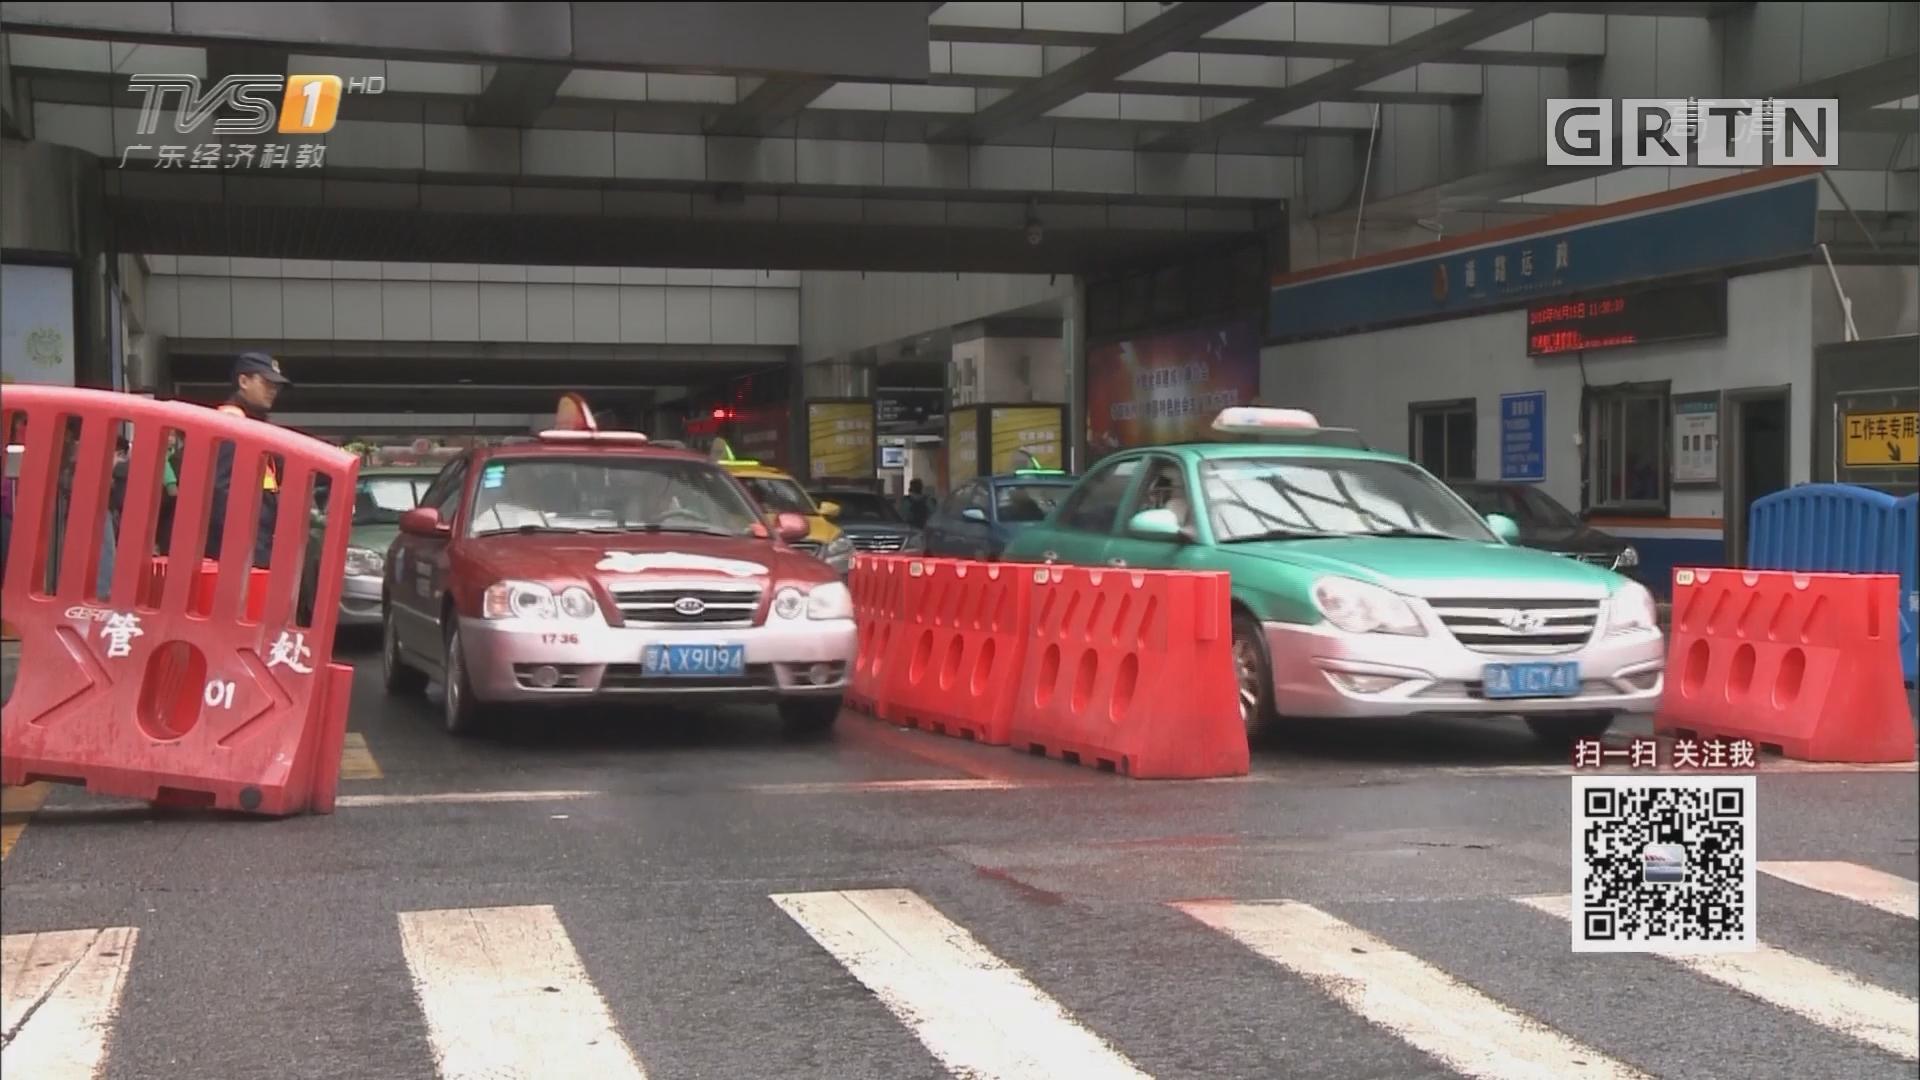 街坊议新闻:的士内还有必要装防护网吗?